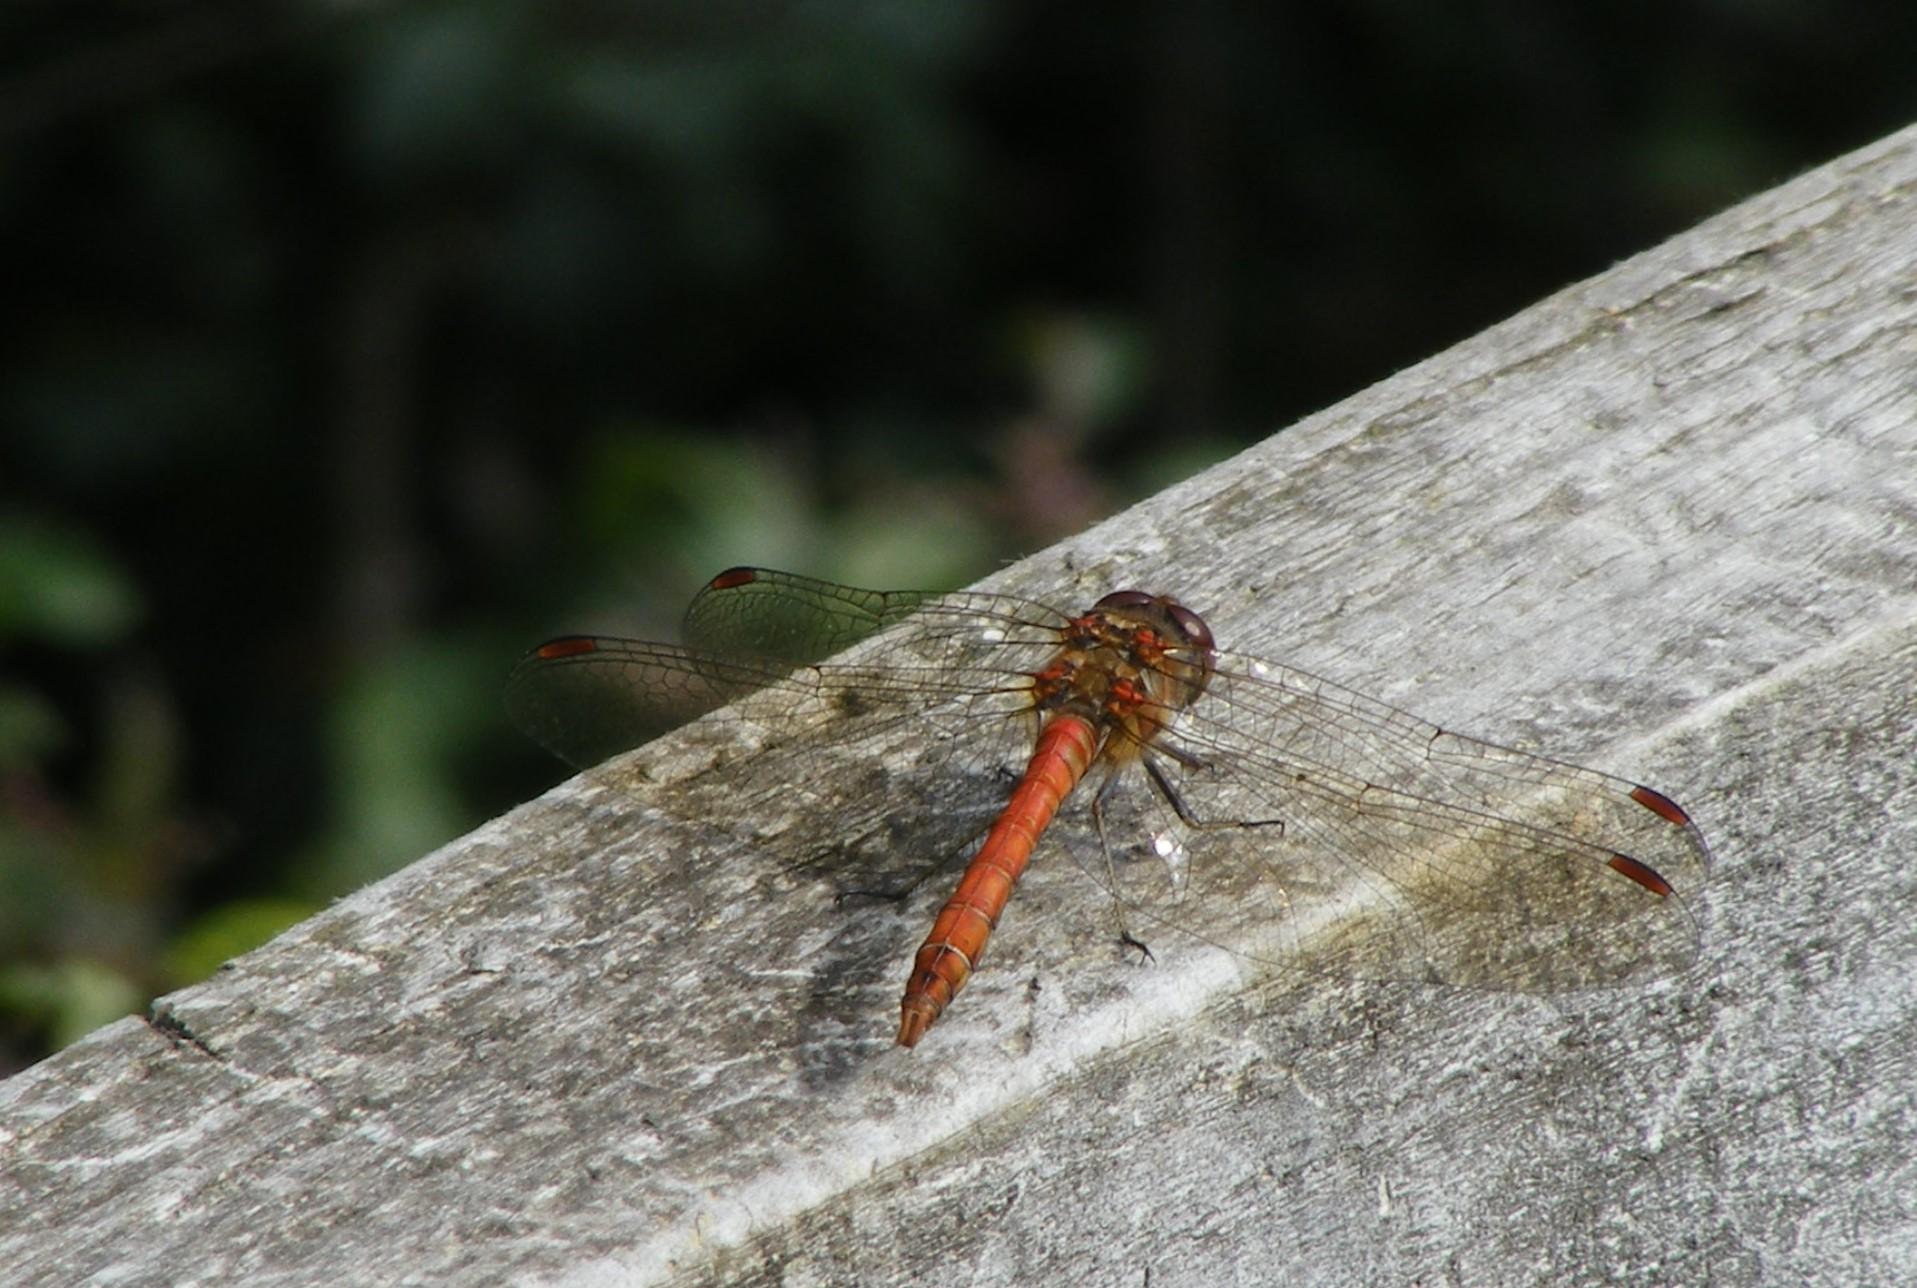 A common darter